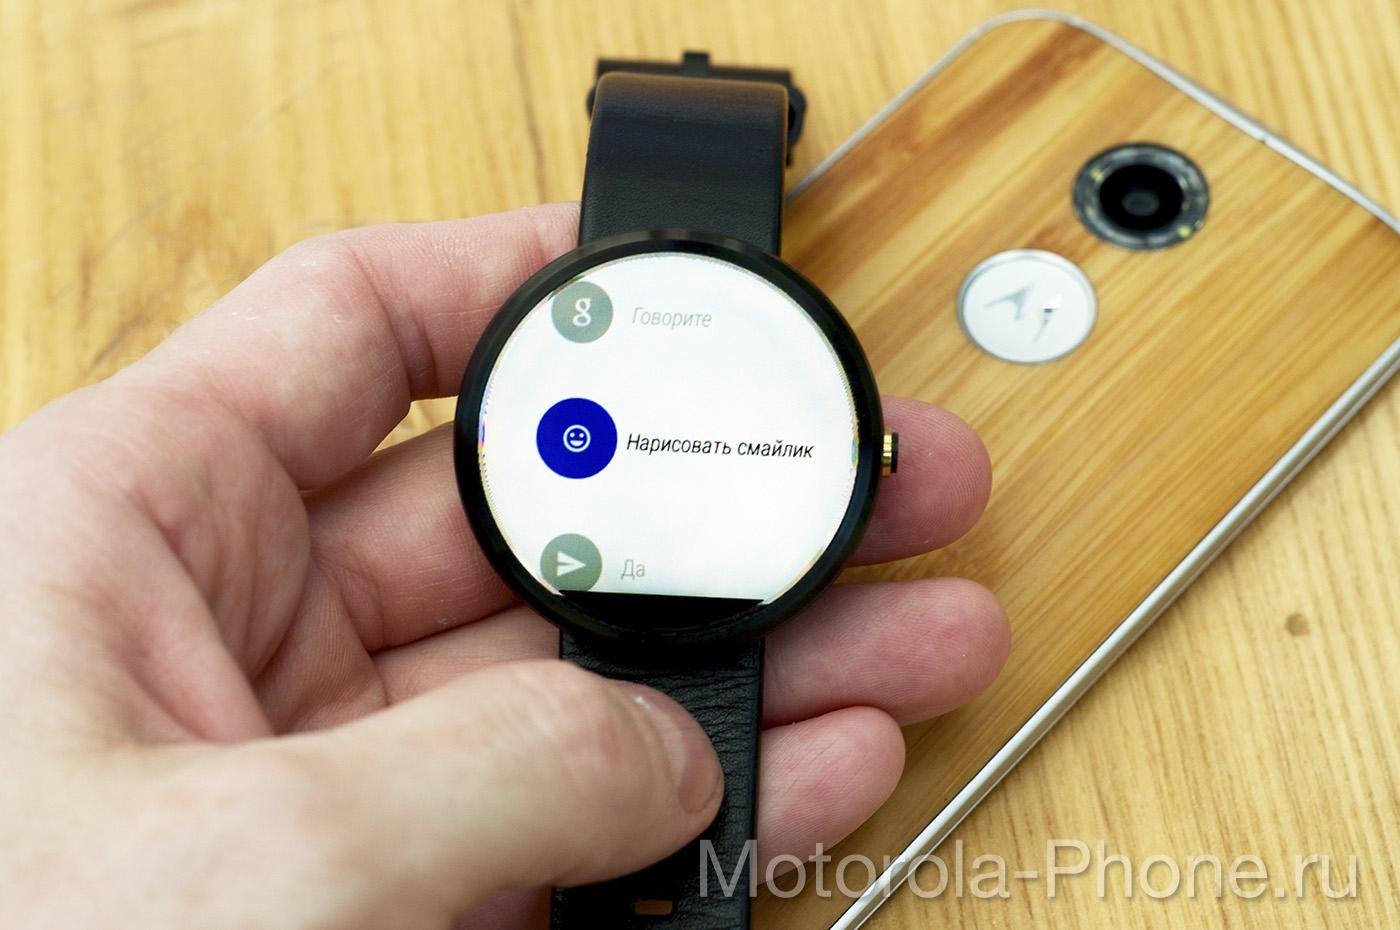 Motorola-Moto-360-Android-Wear-5-1-24 copy